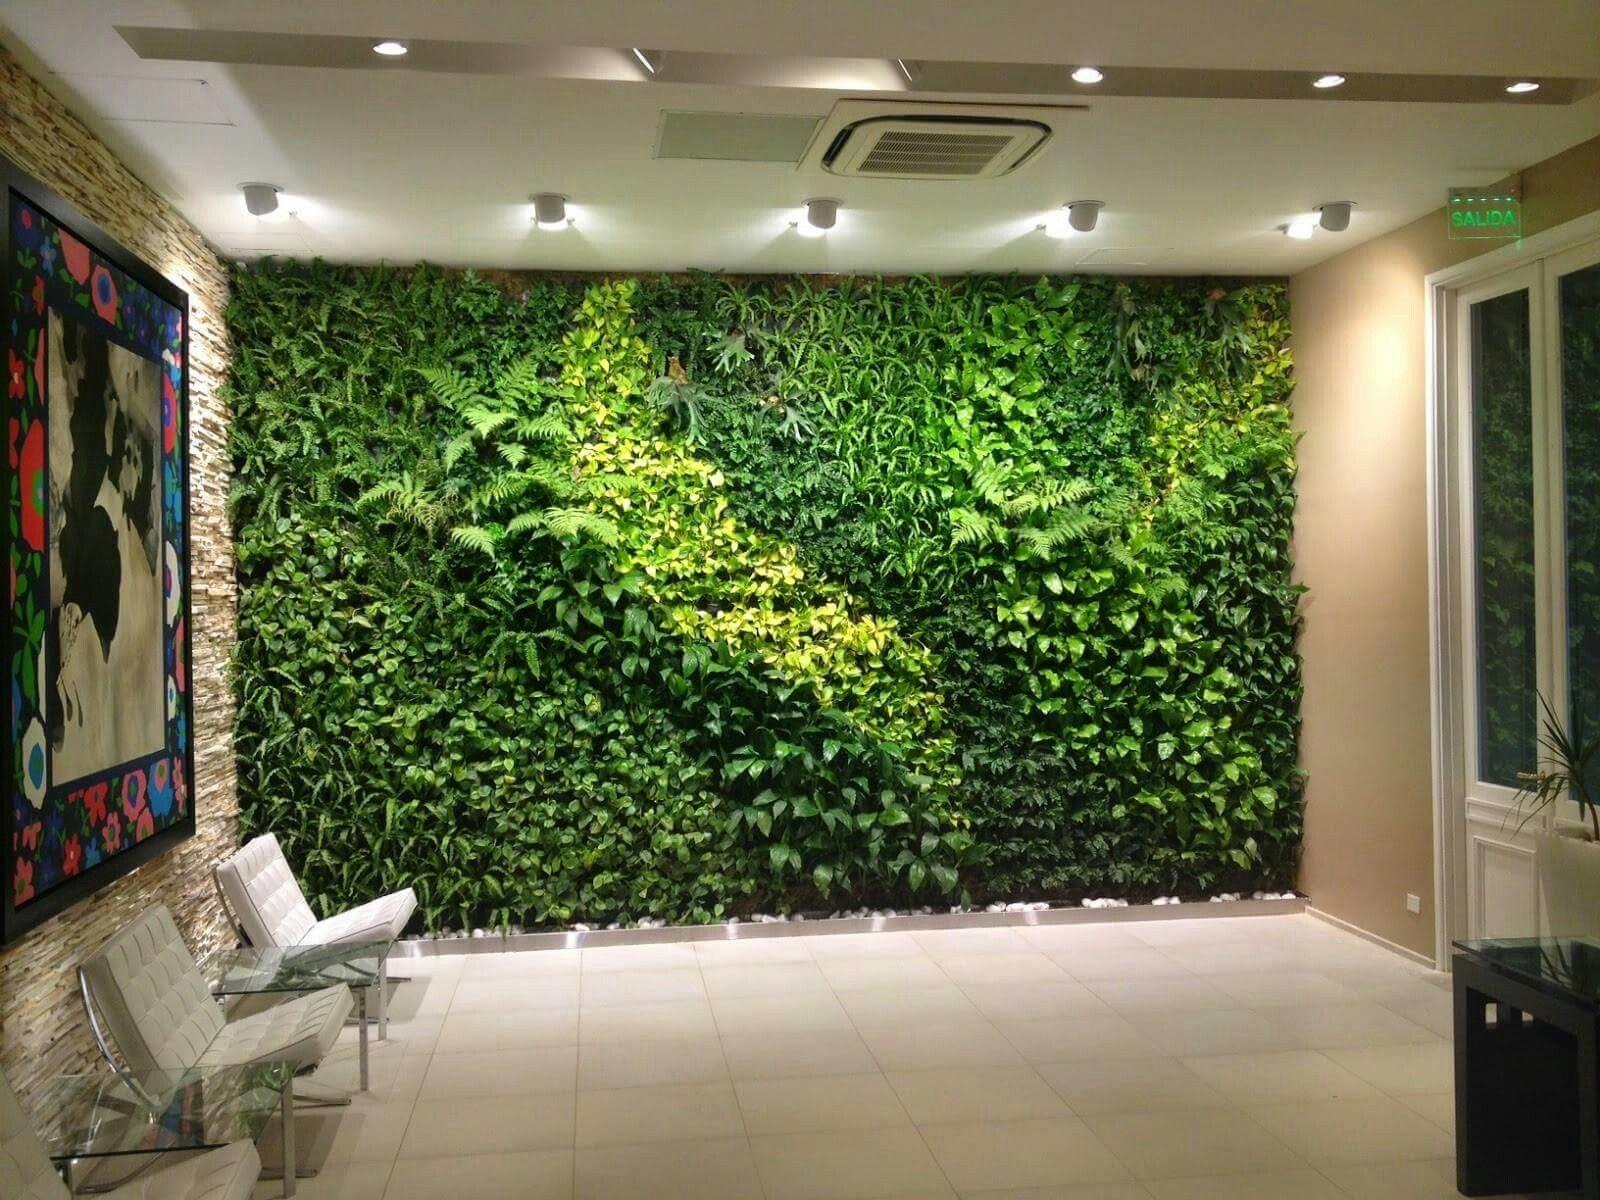 Explore Garden Walls, Ideas Para, And More